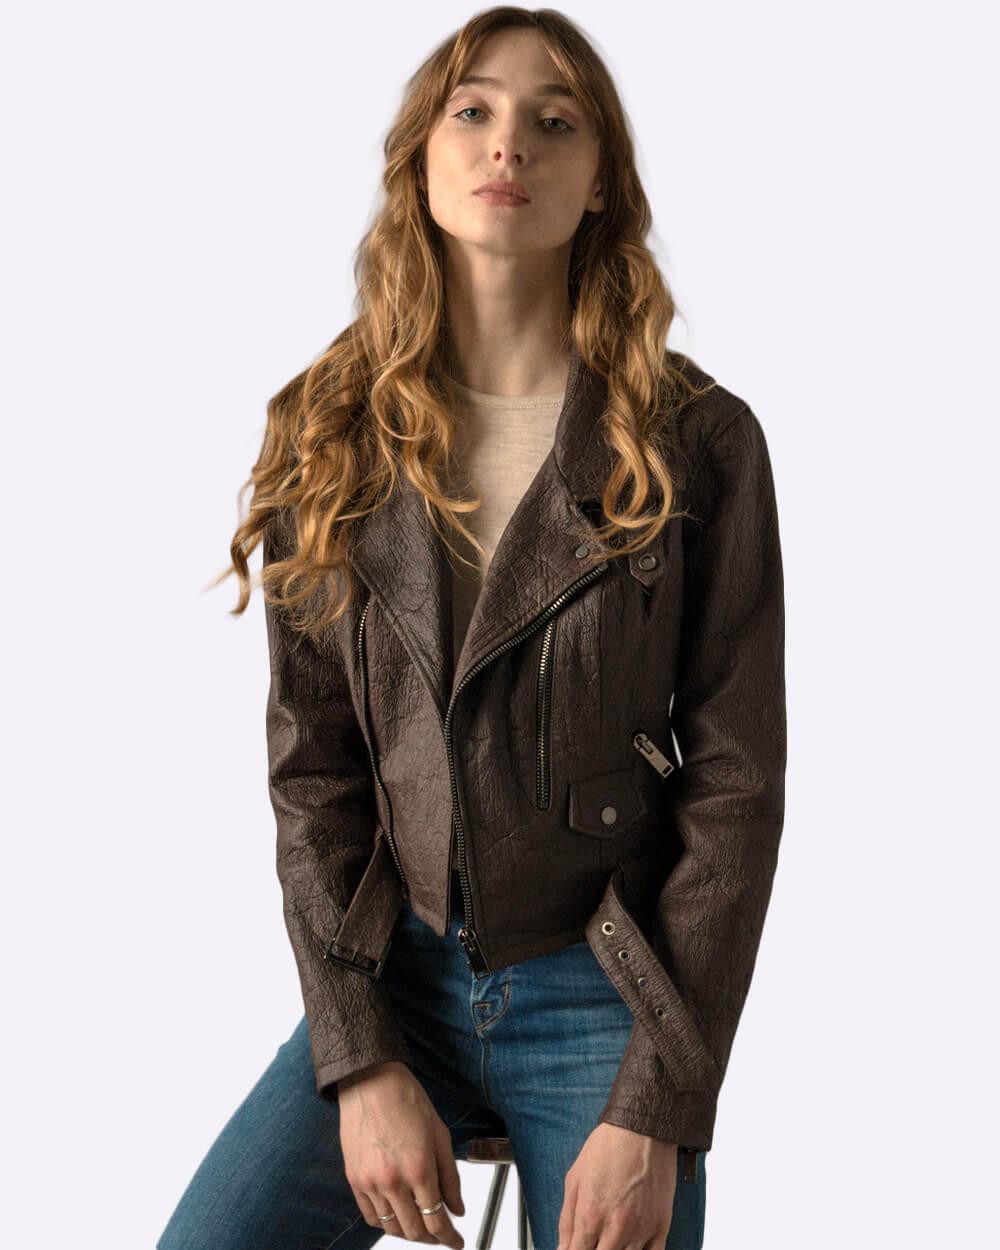 Altiir brown vegan leather biker jacket